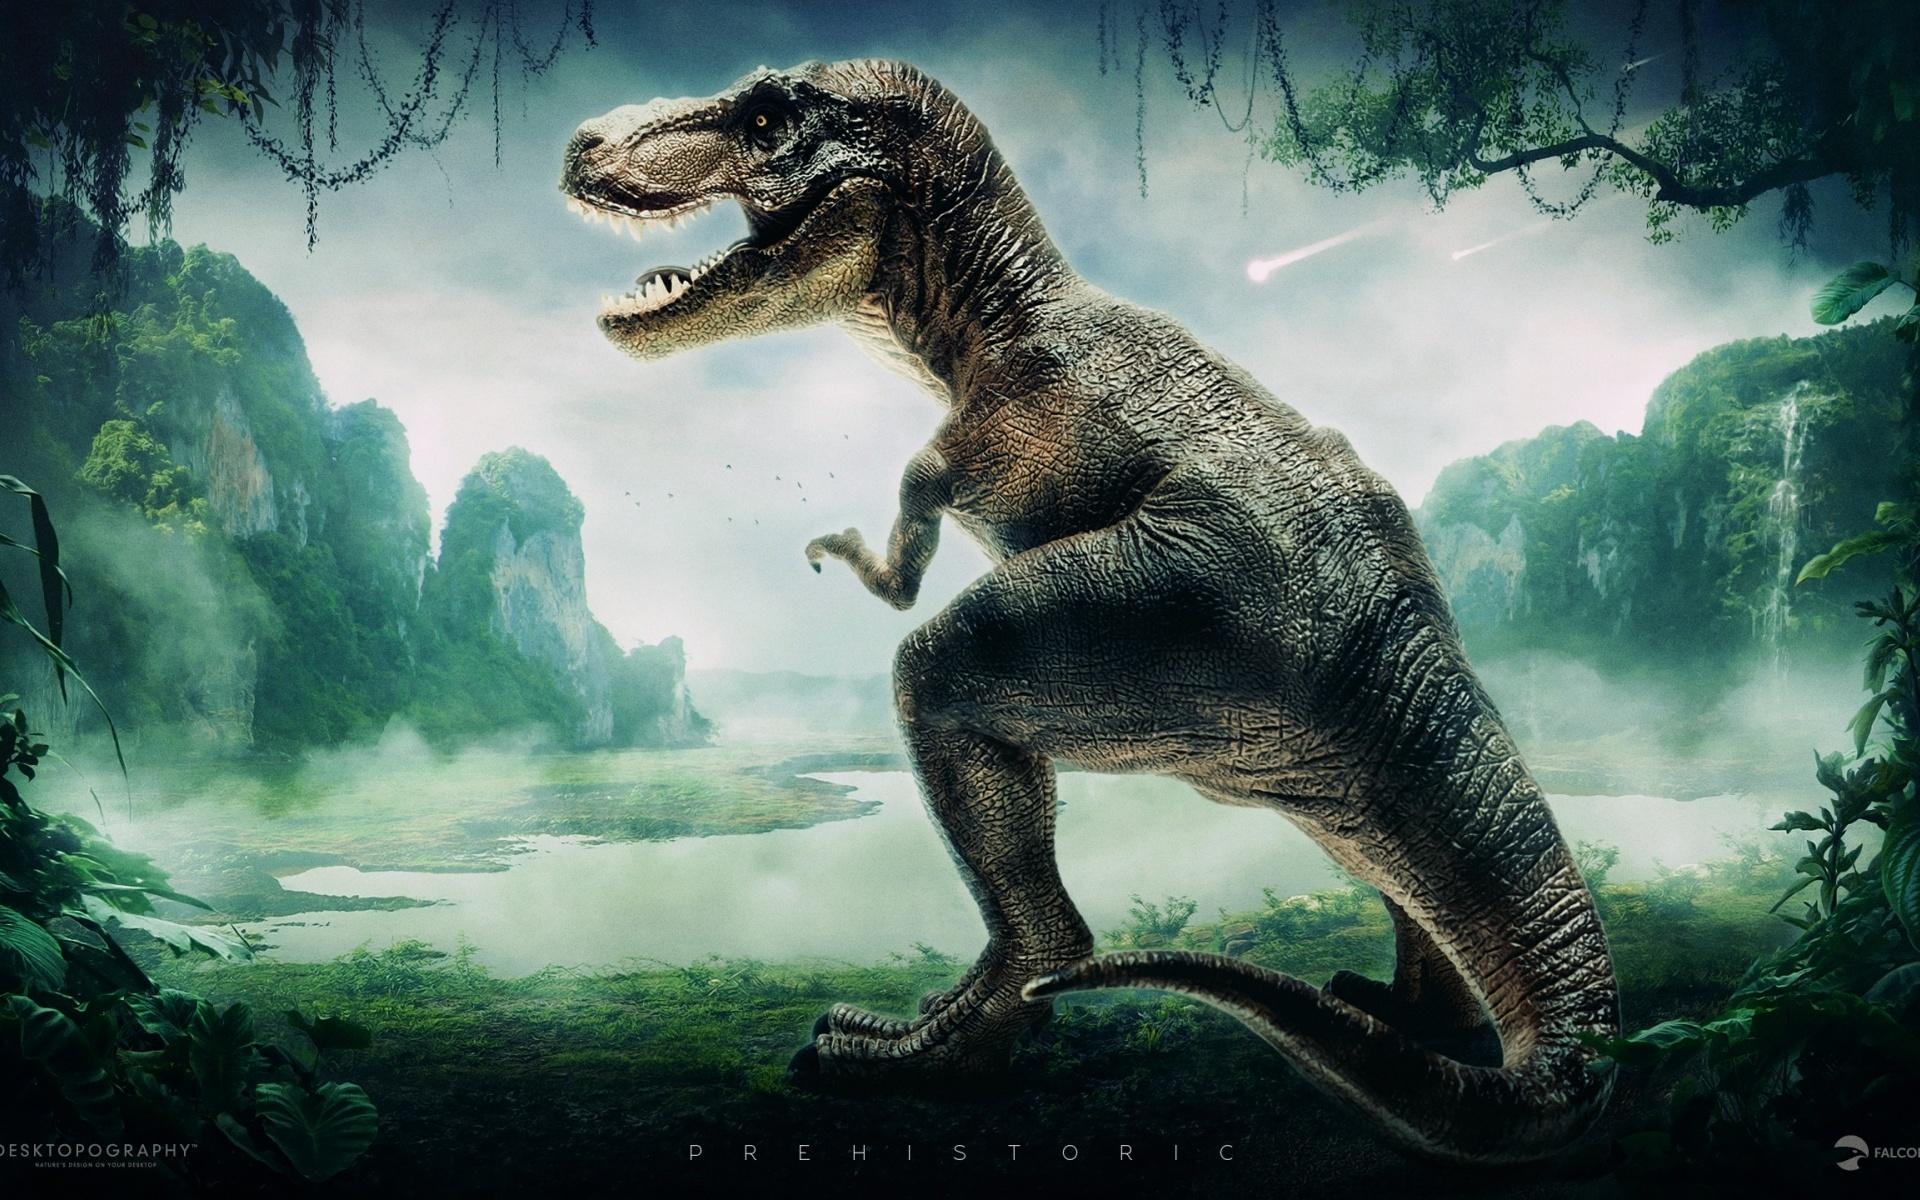 HD Dinosaur Wallpapers - WallpaperSafari